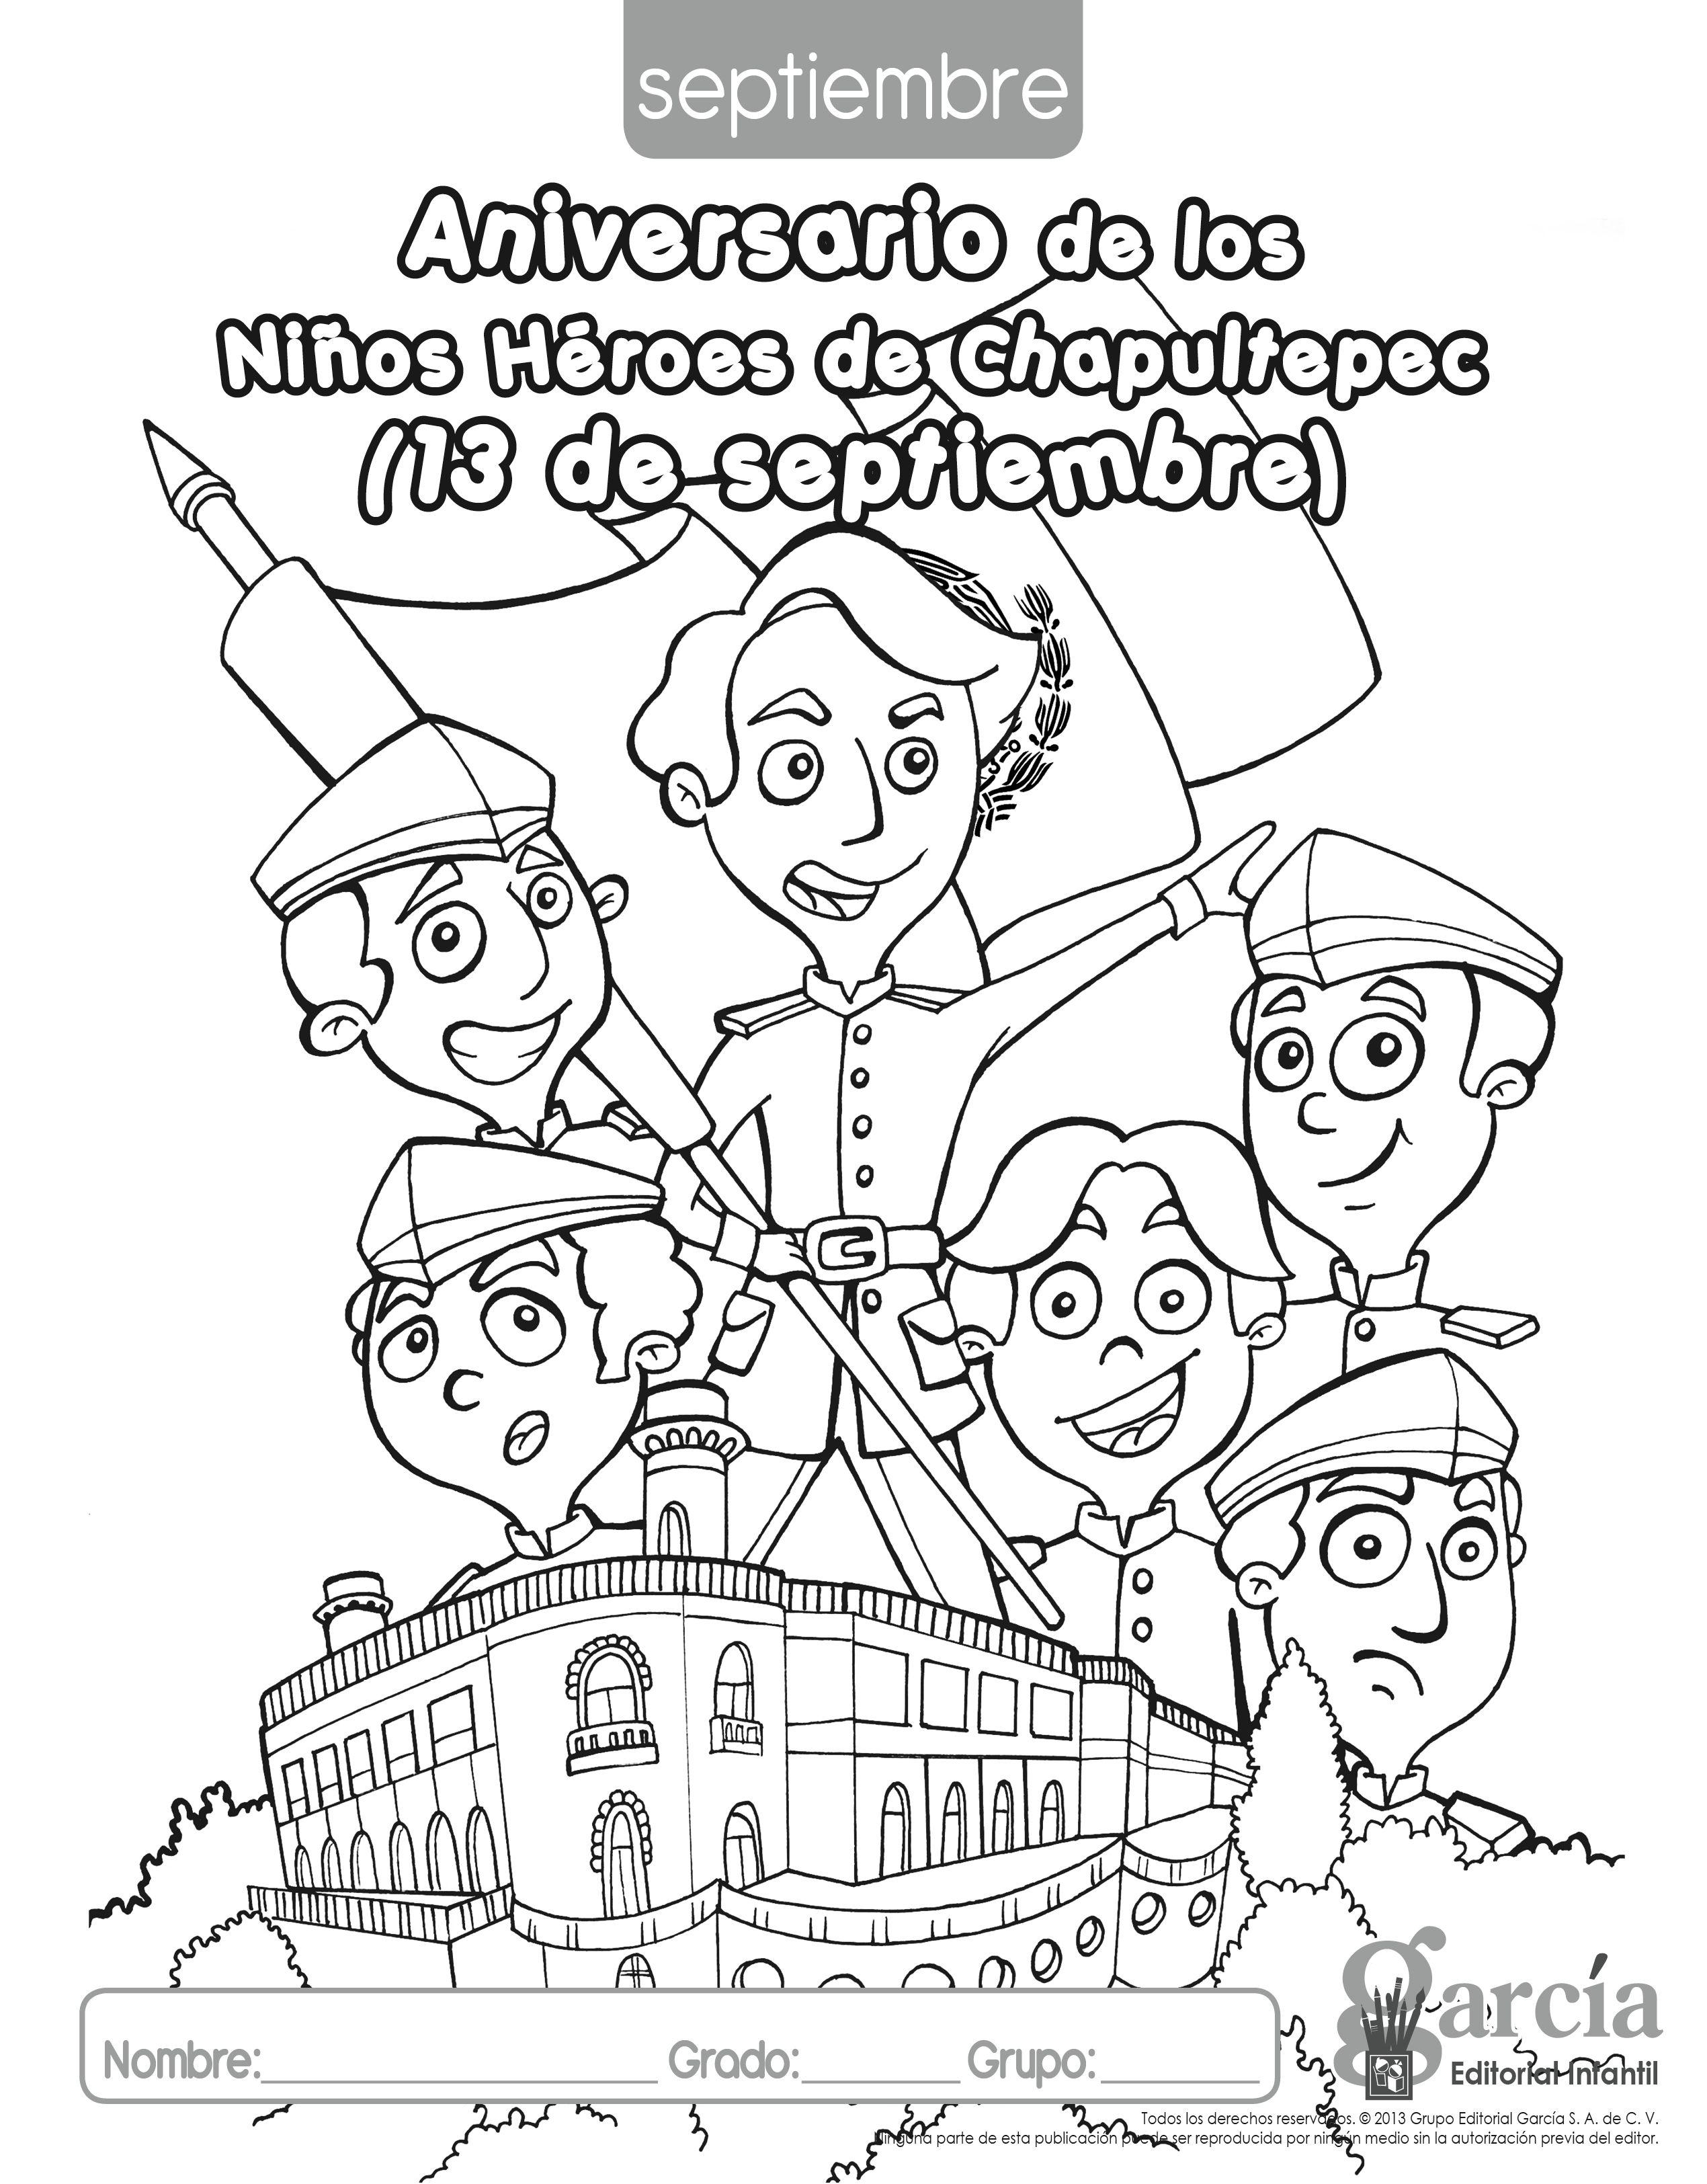 Aniversario De Los Niños Héroes De Chapultepec Este 13 De